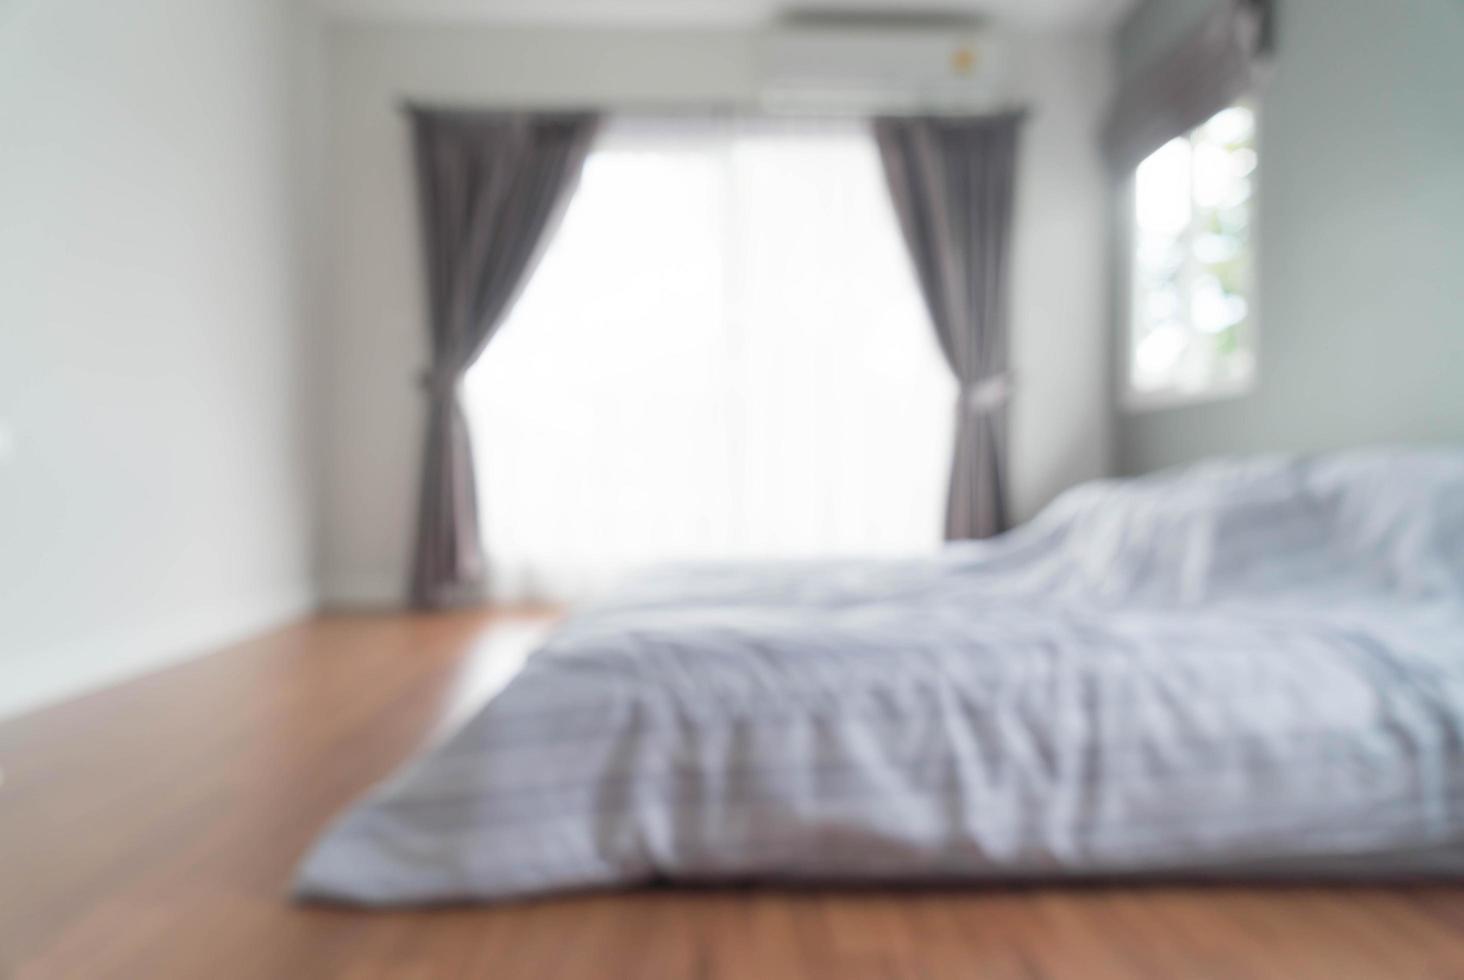 abstrait flou intérieur de la chambre photo